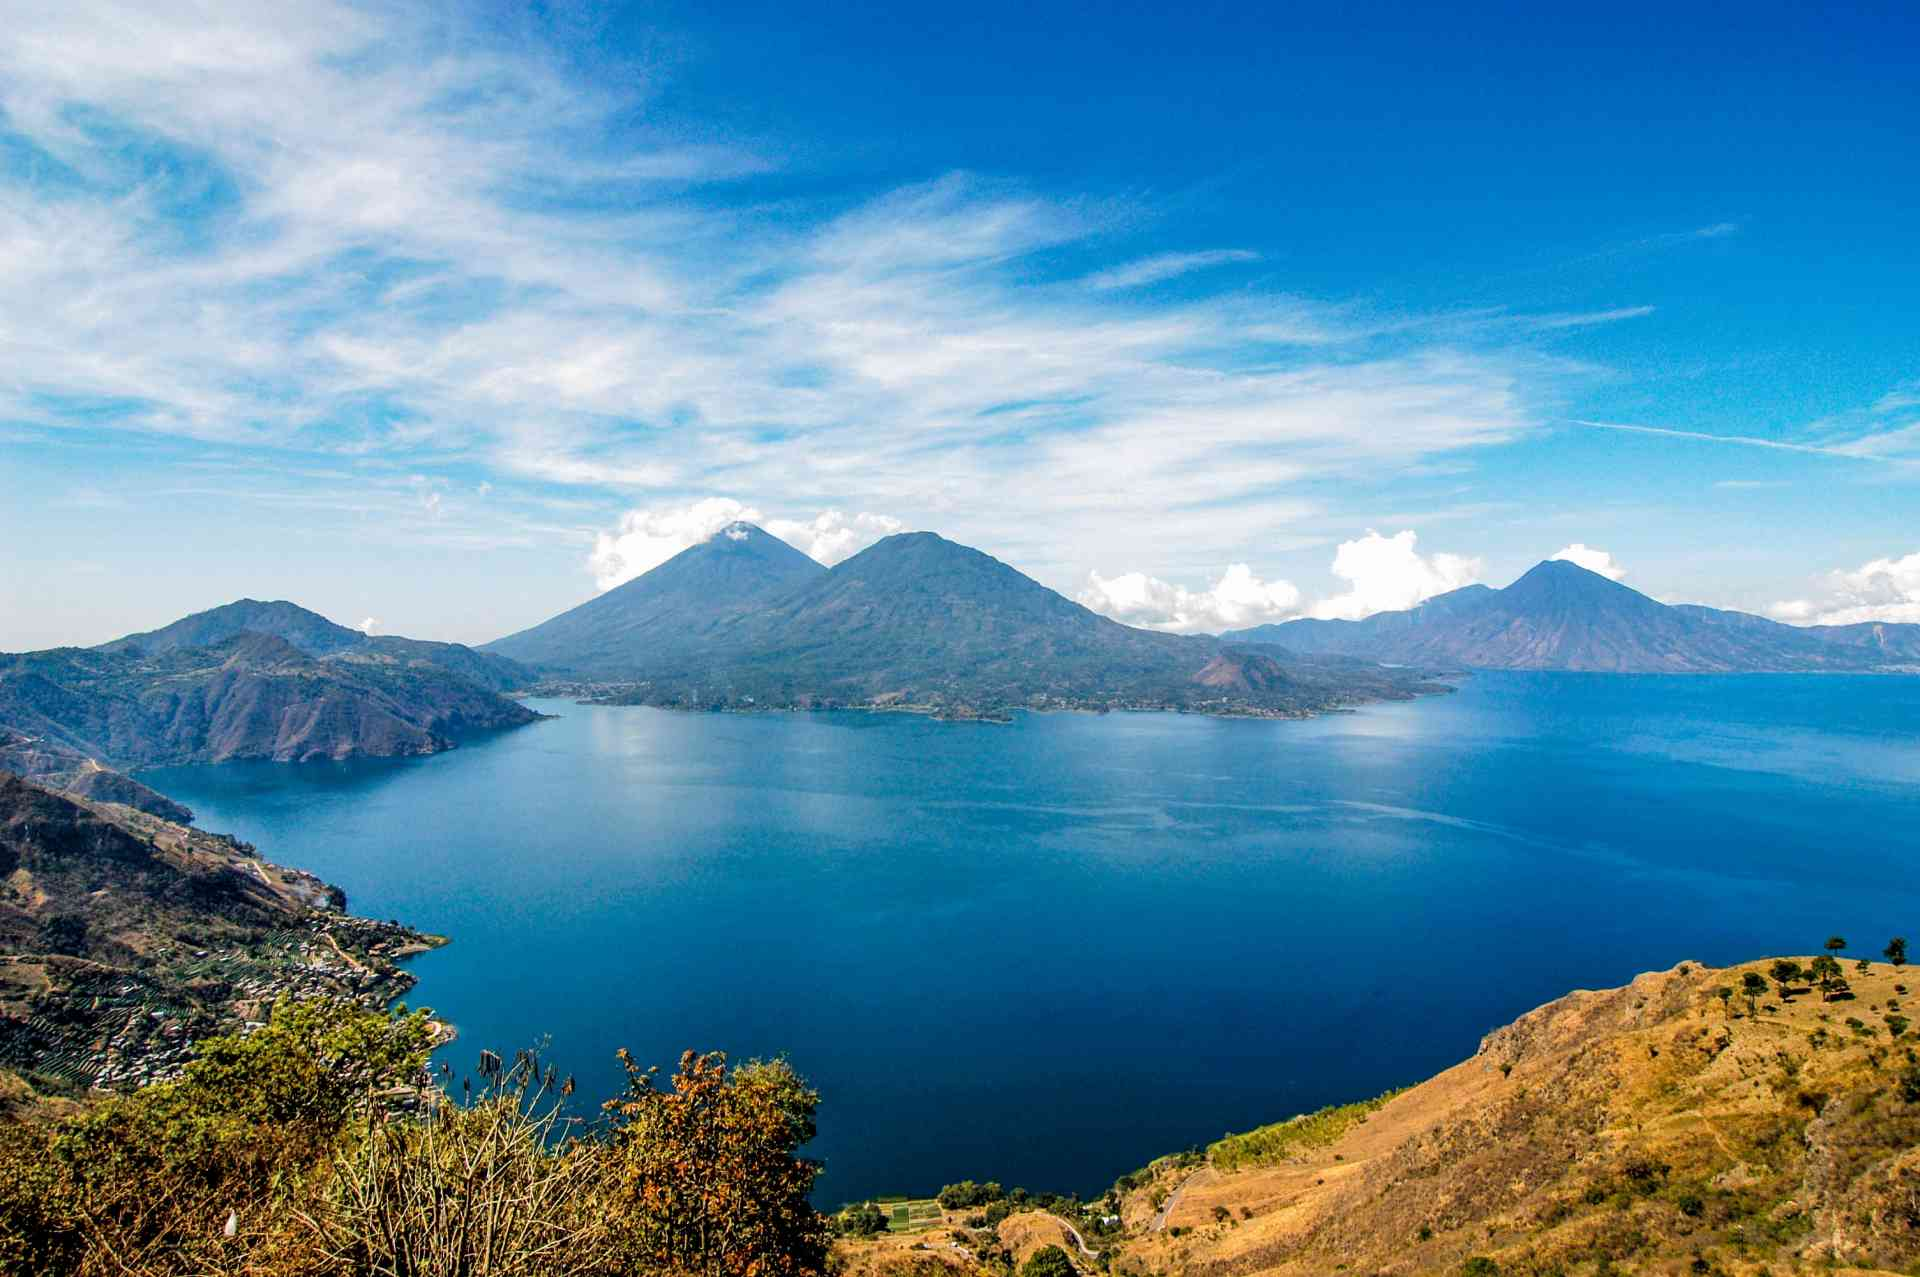 Lake Atitlan, Guatemala by Alexis Le Quoc